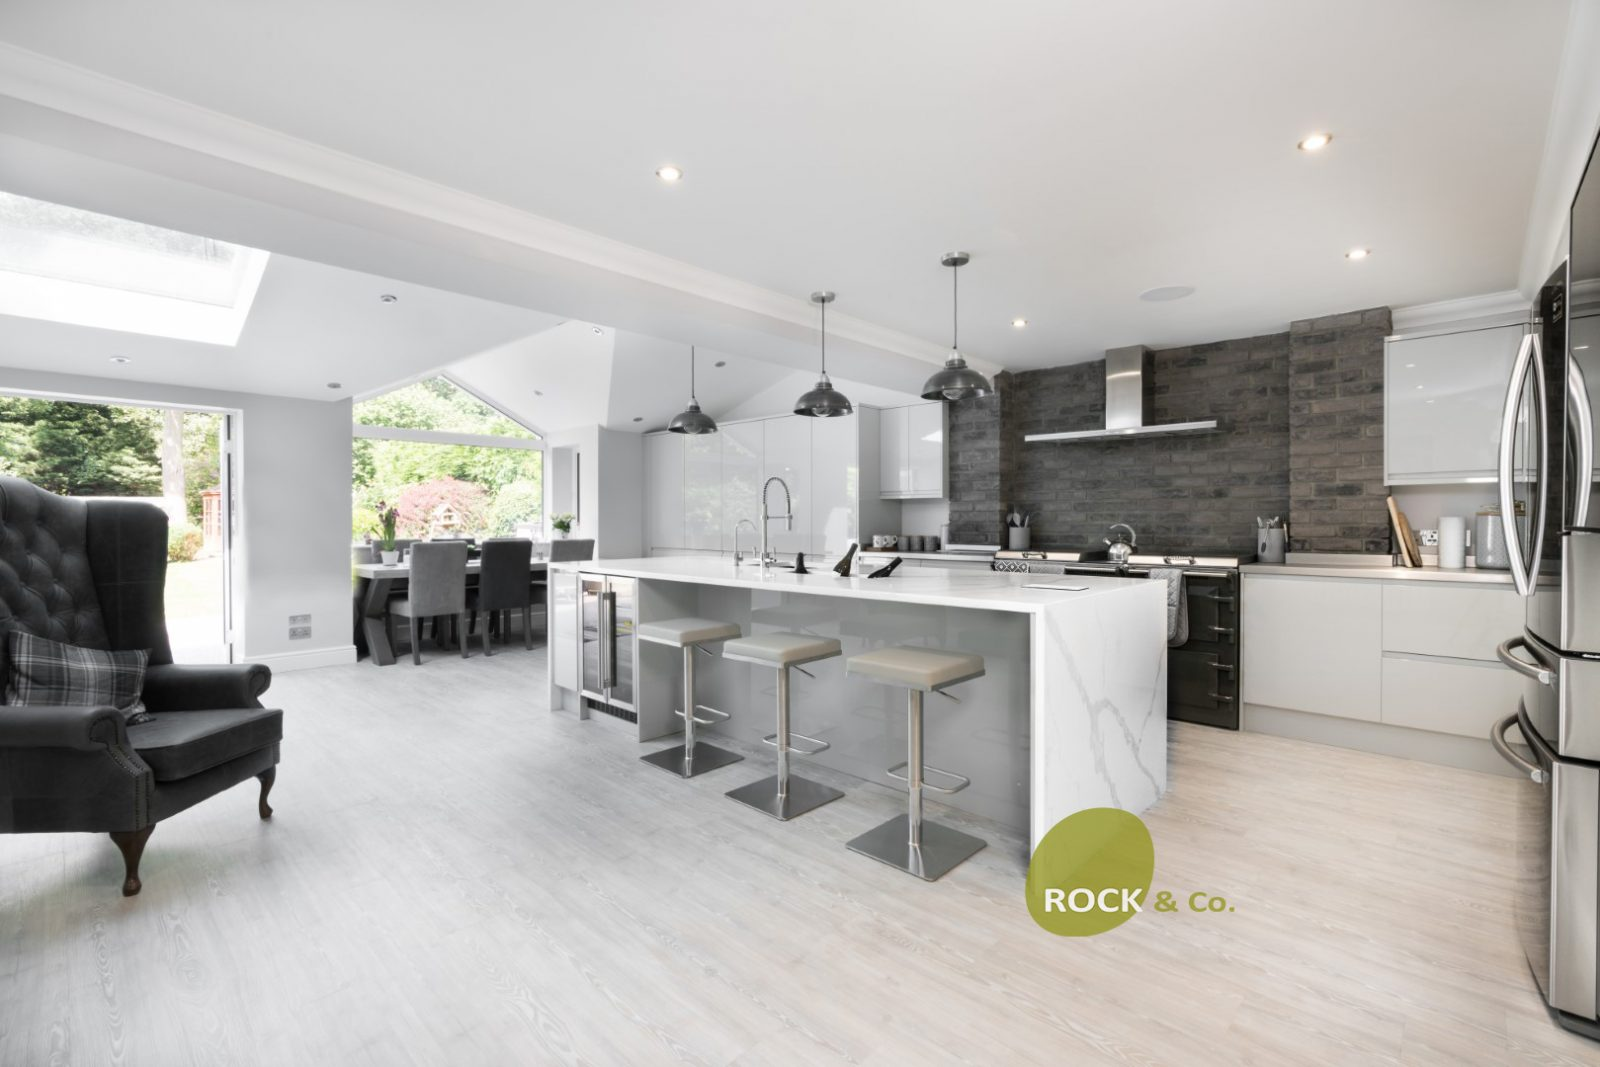 Kitchen of the week… Located in Chislehurst, Kent, showcasing the Calacutta Vanquish (updated)